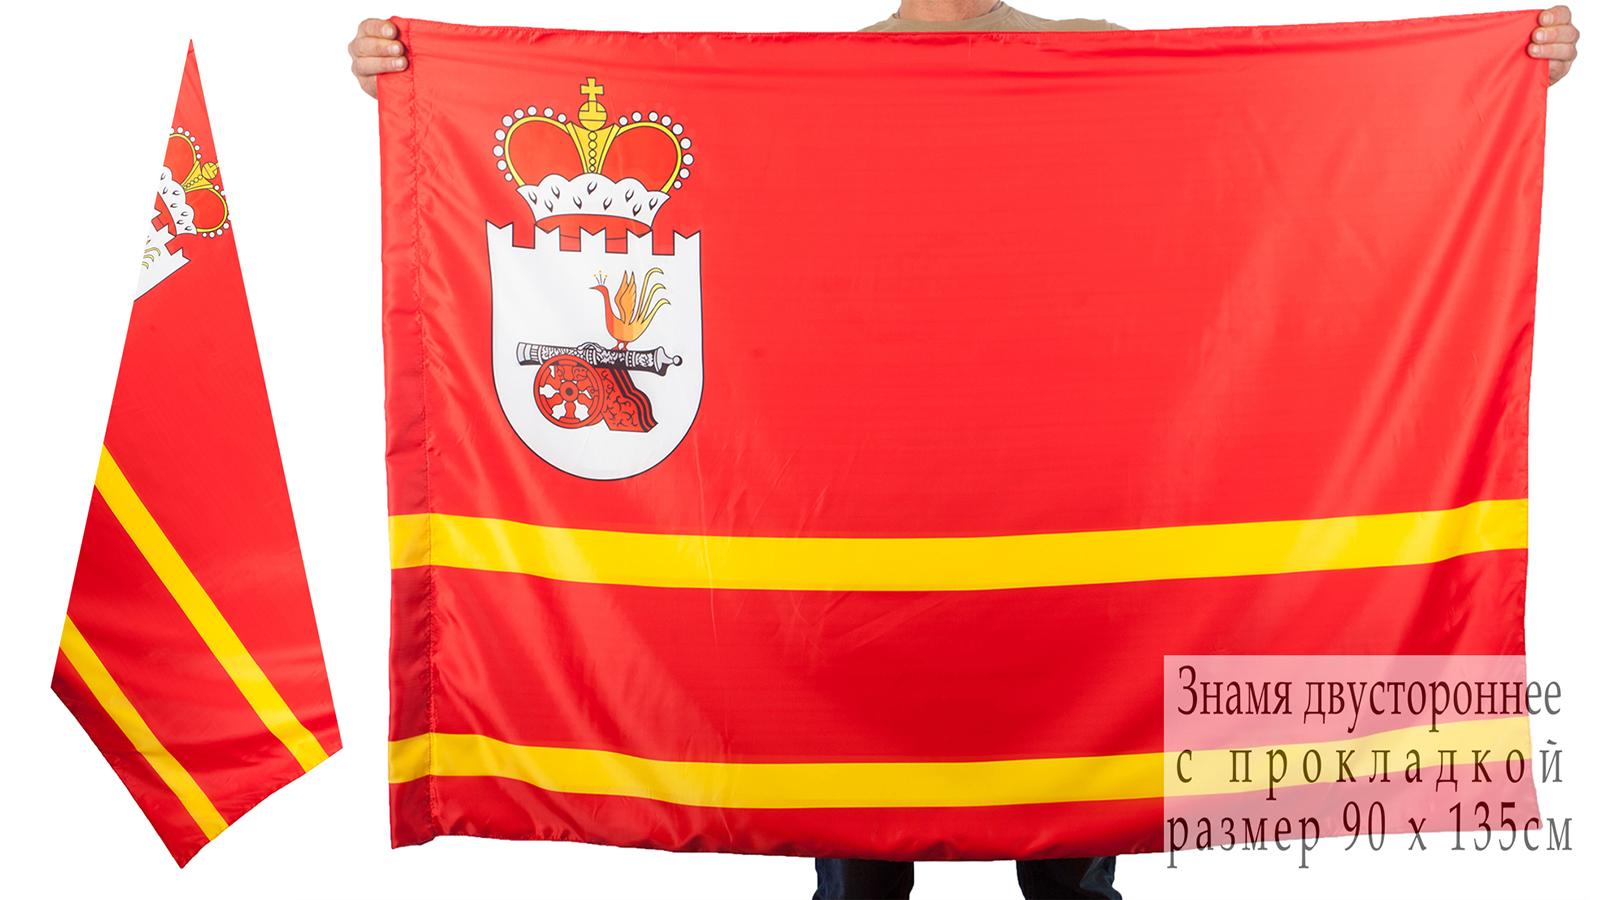 Двухсторонний флаг Смоленской области